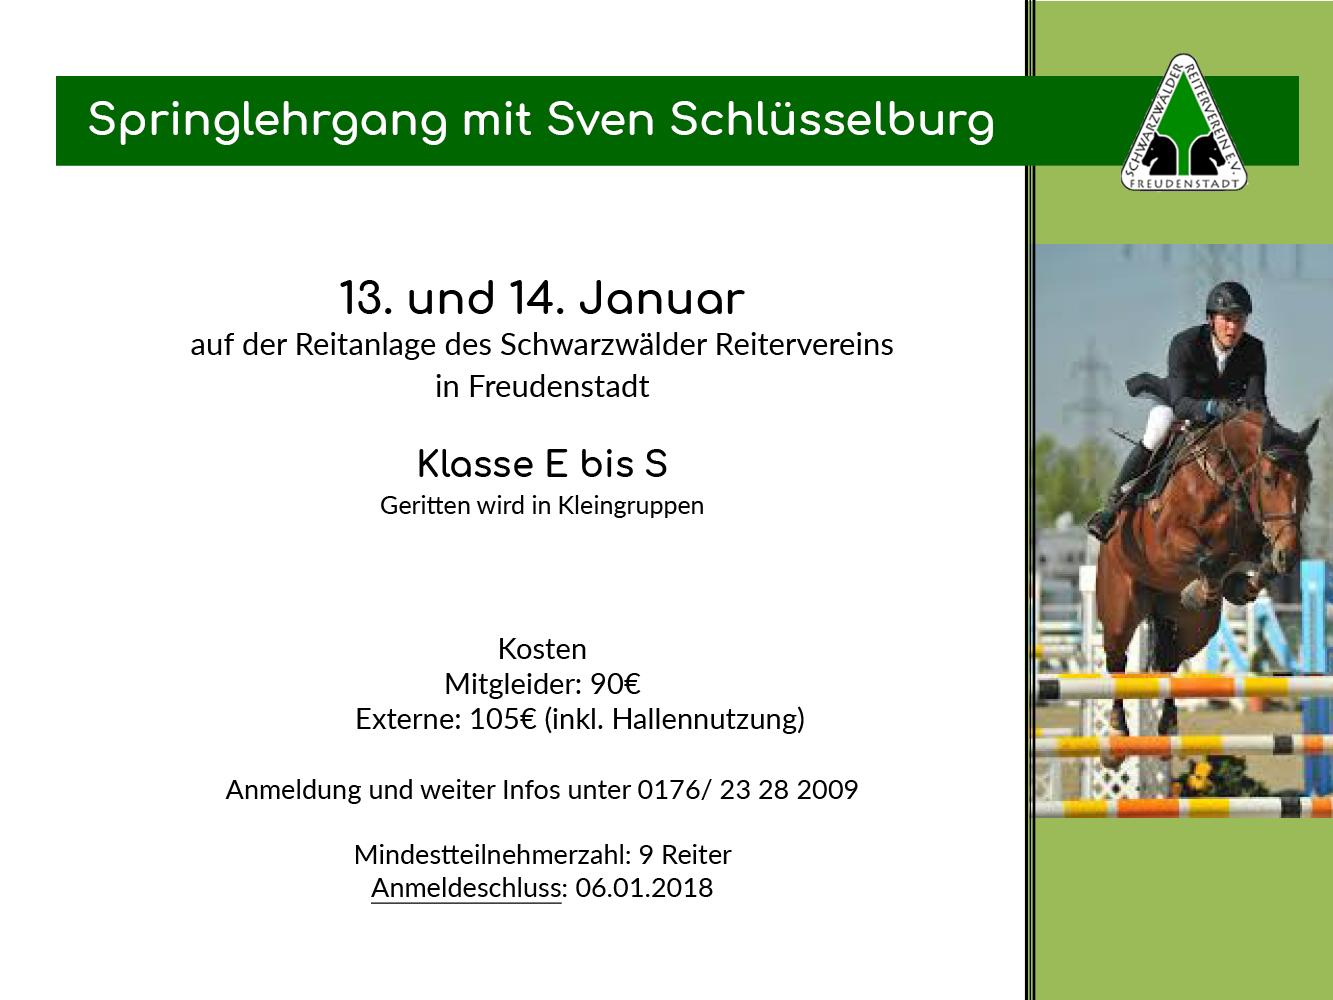 Lehrgang Sven Schlüsselburg